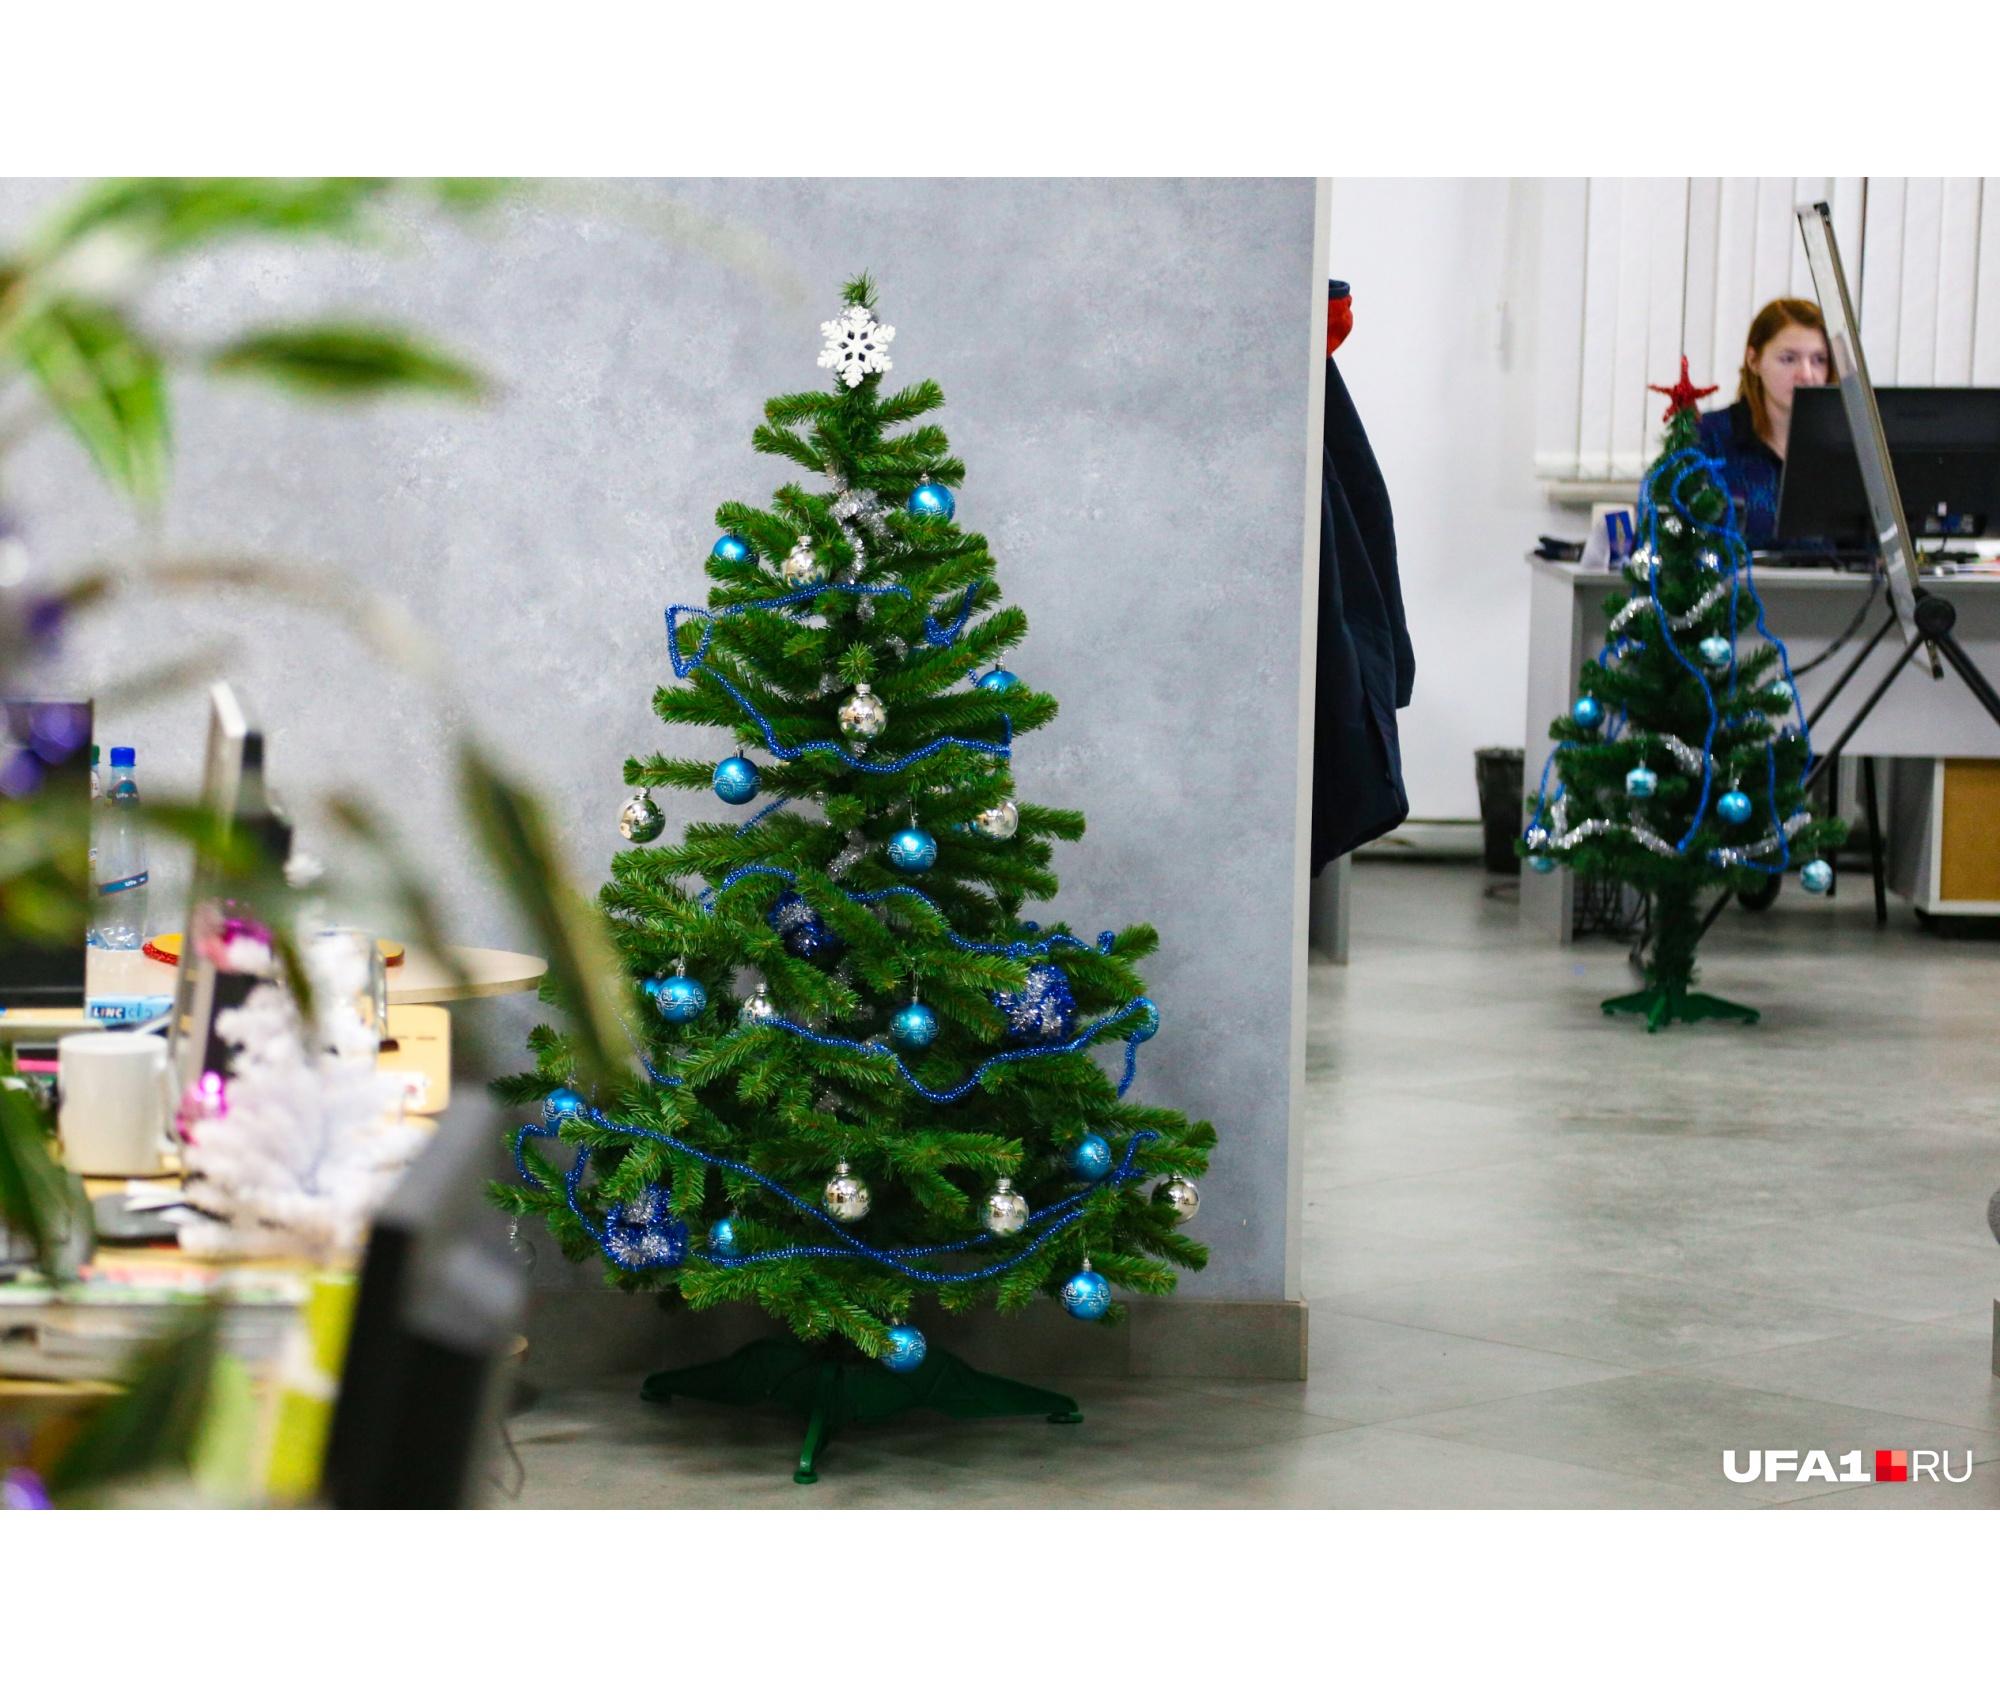 Новая русская традиция — встречать Новый год на работе